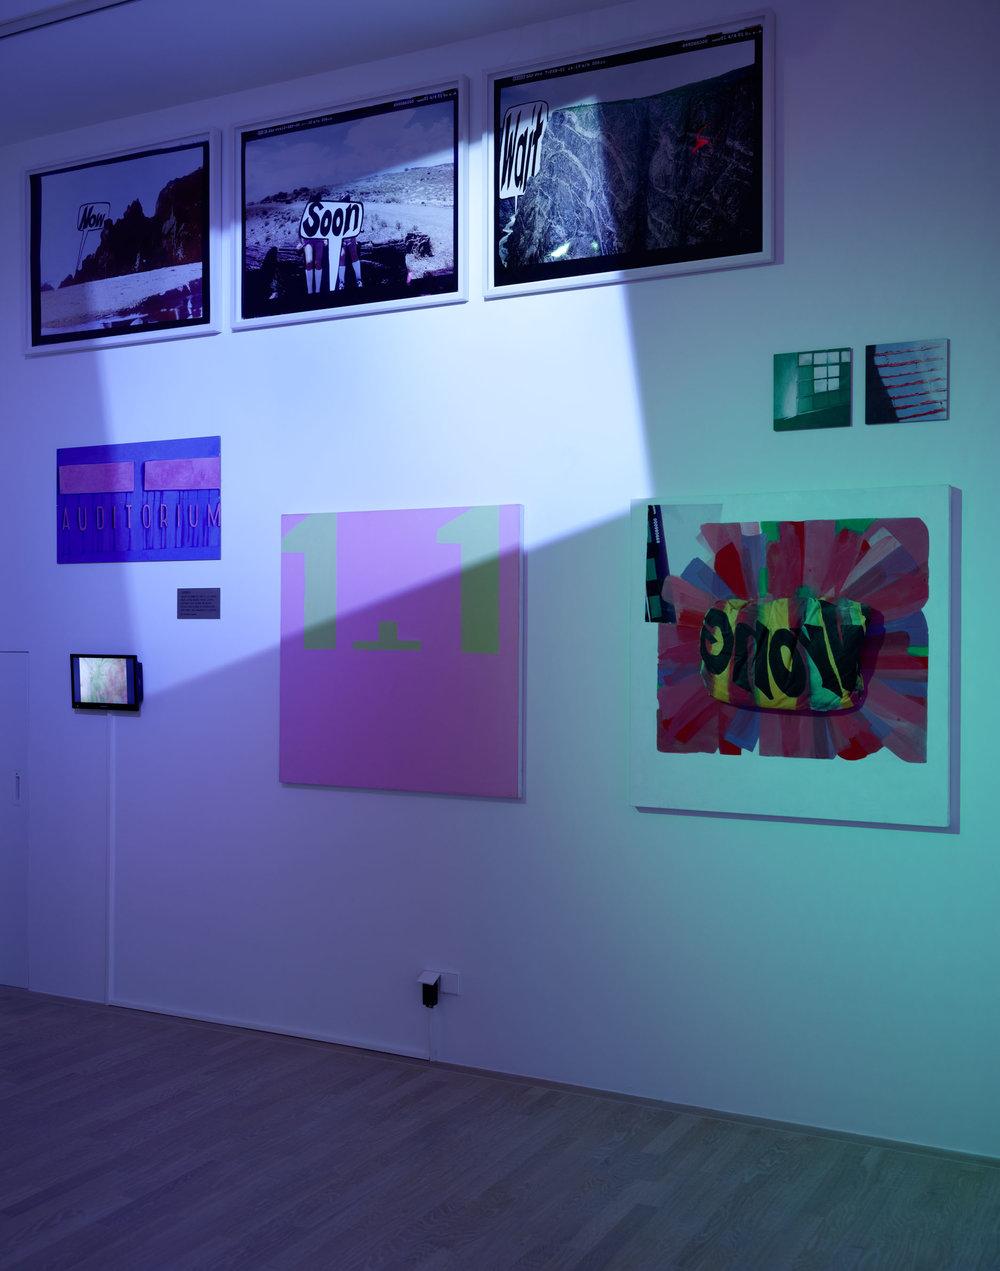 2_2016_Feinstein##Ausstellung_Lenbachhaus_030.jpg